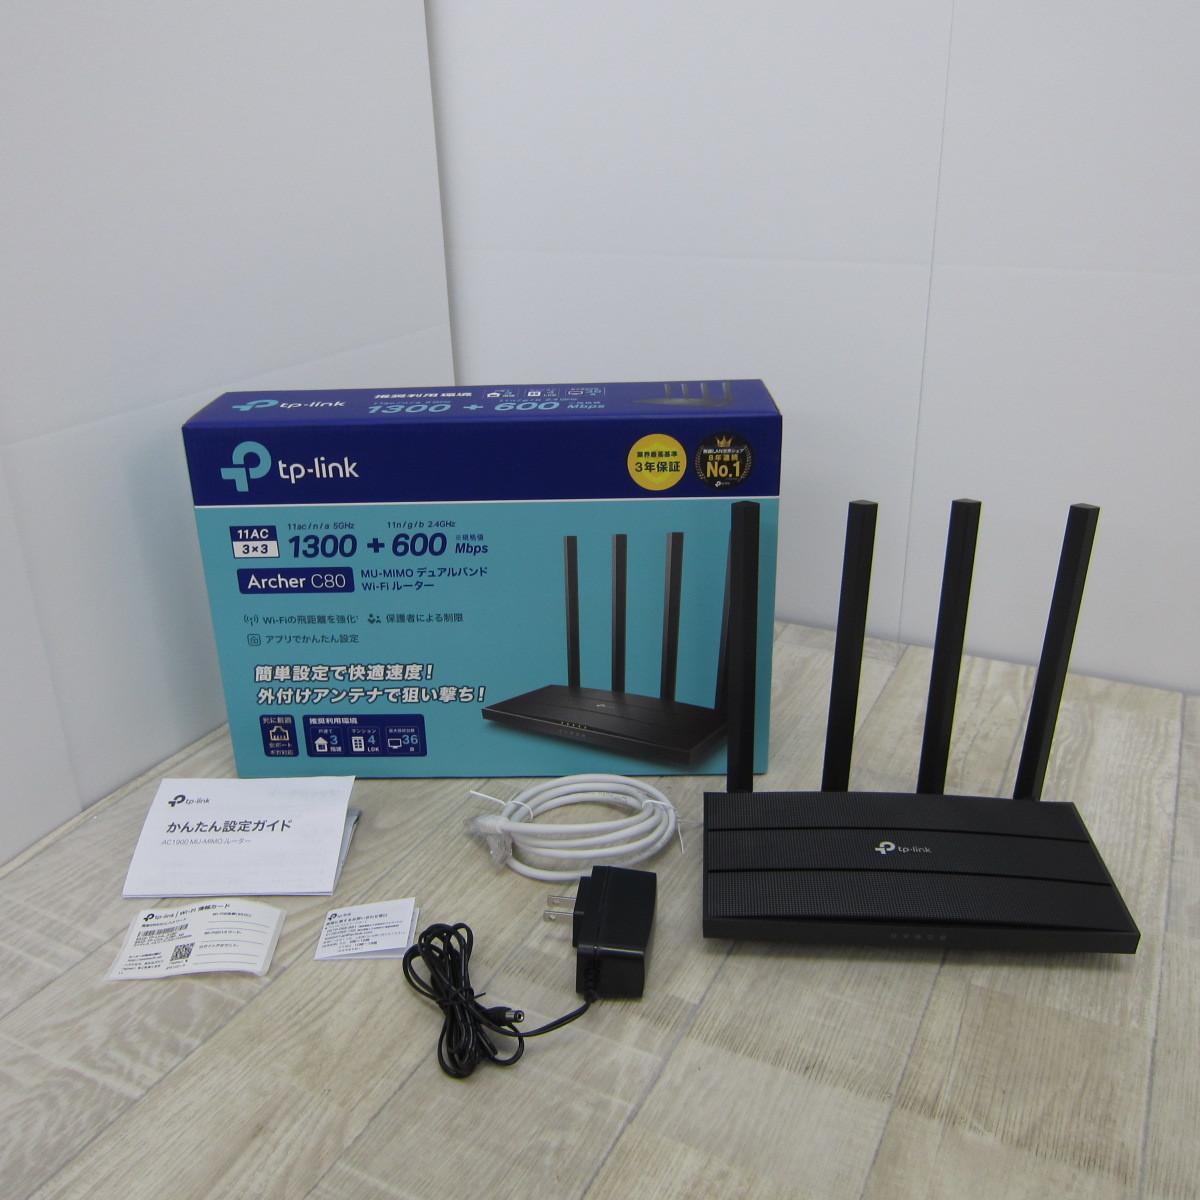 B8289【美品】TP-Link WiFi 無線LAN ルーター 1900AC規格 1300+600Mbps MU-MIMO ビームフォーミング iphone SE 対応 Archer C80/A